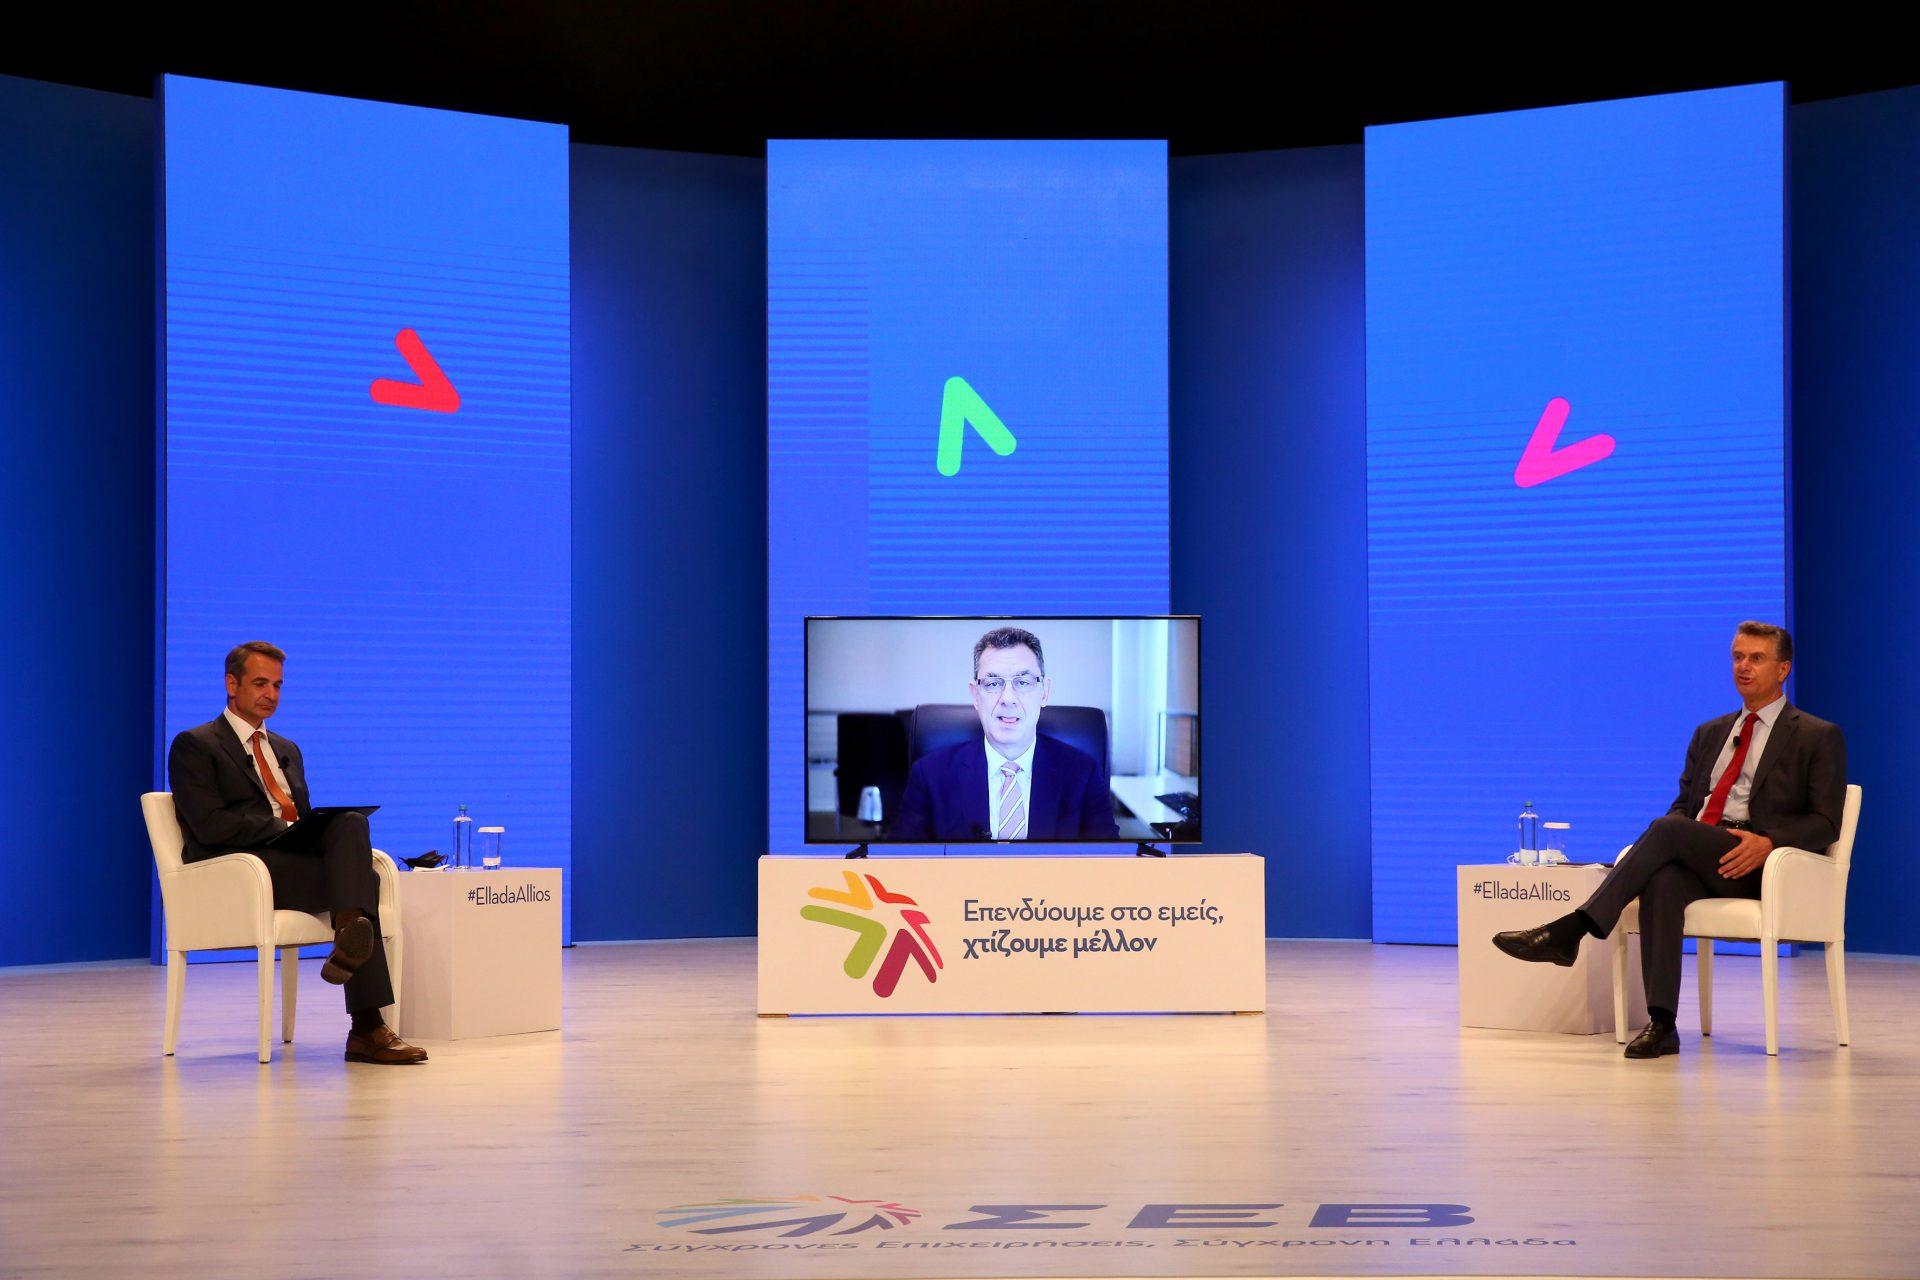 Μητσοτάκης στον ΣΕΒ: Η χώρα πολύ καλά προετοιμασμένη για νέο αναπτυξιακό άλμα – Οι 3 στόχοι